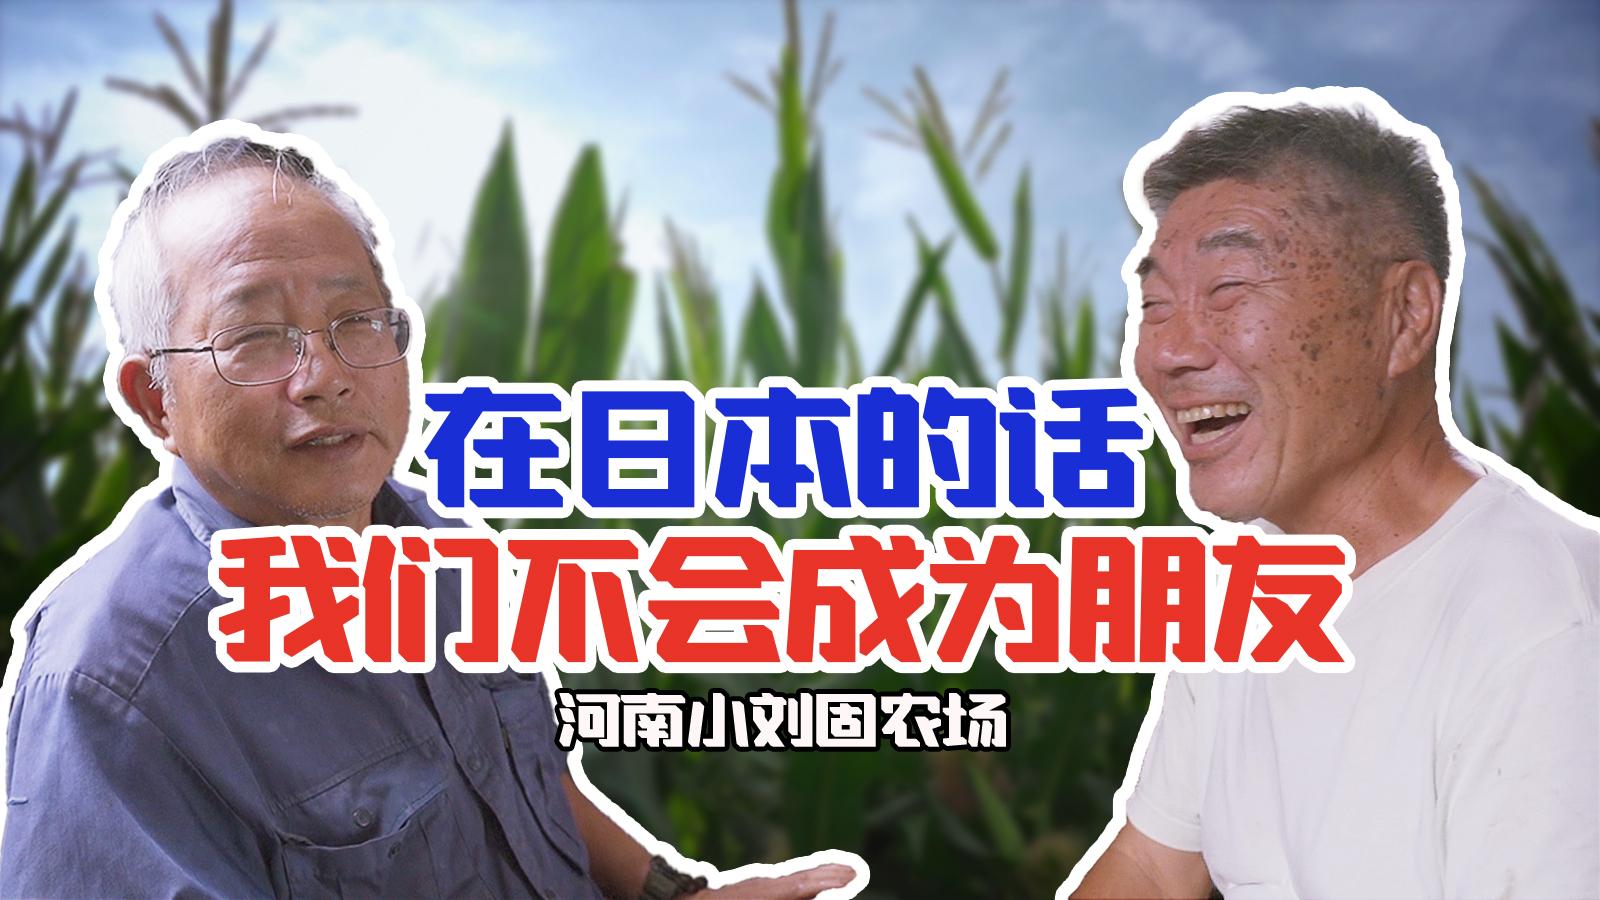 性格迥异的两位日本老人,为何一起住在河南的乡下?【我住在这里的理由219】